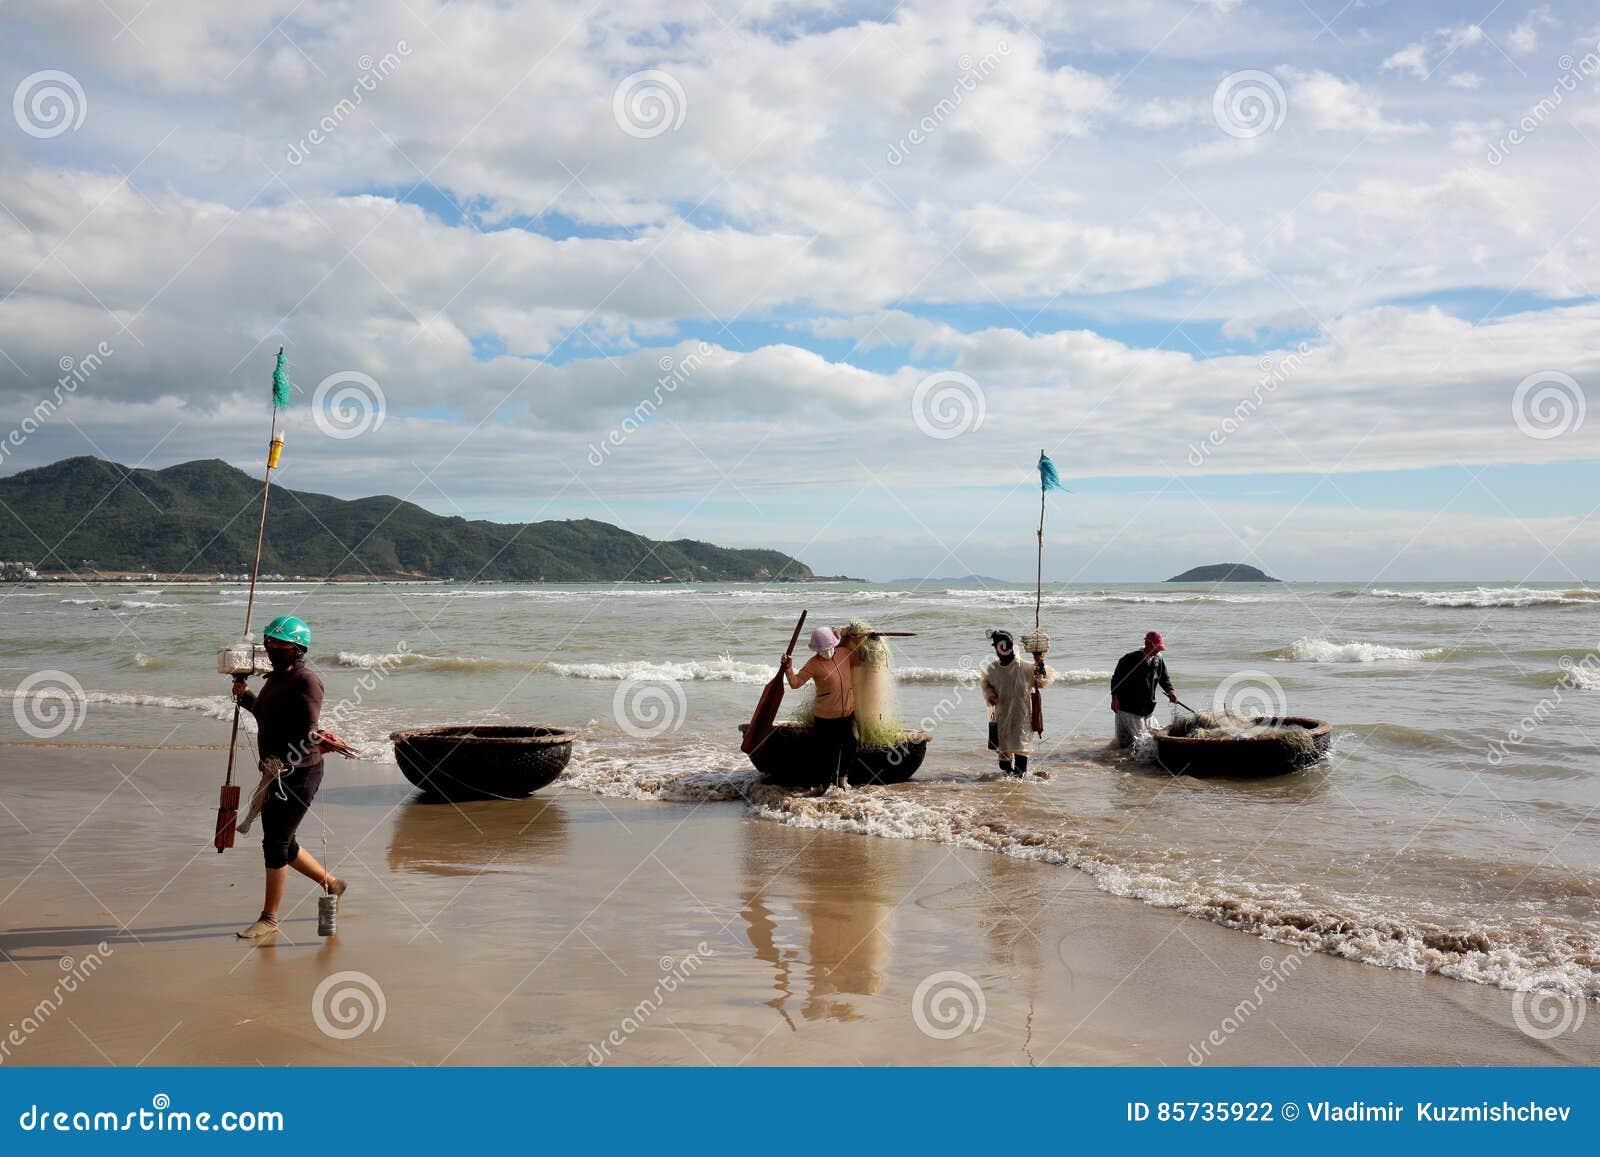 Pescadores en el mar del sur de China de la costa vietnamita cerca de la ciudad de Nha Trang